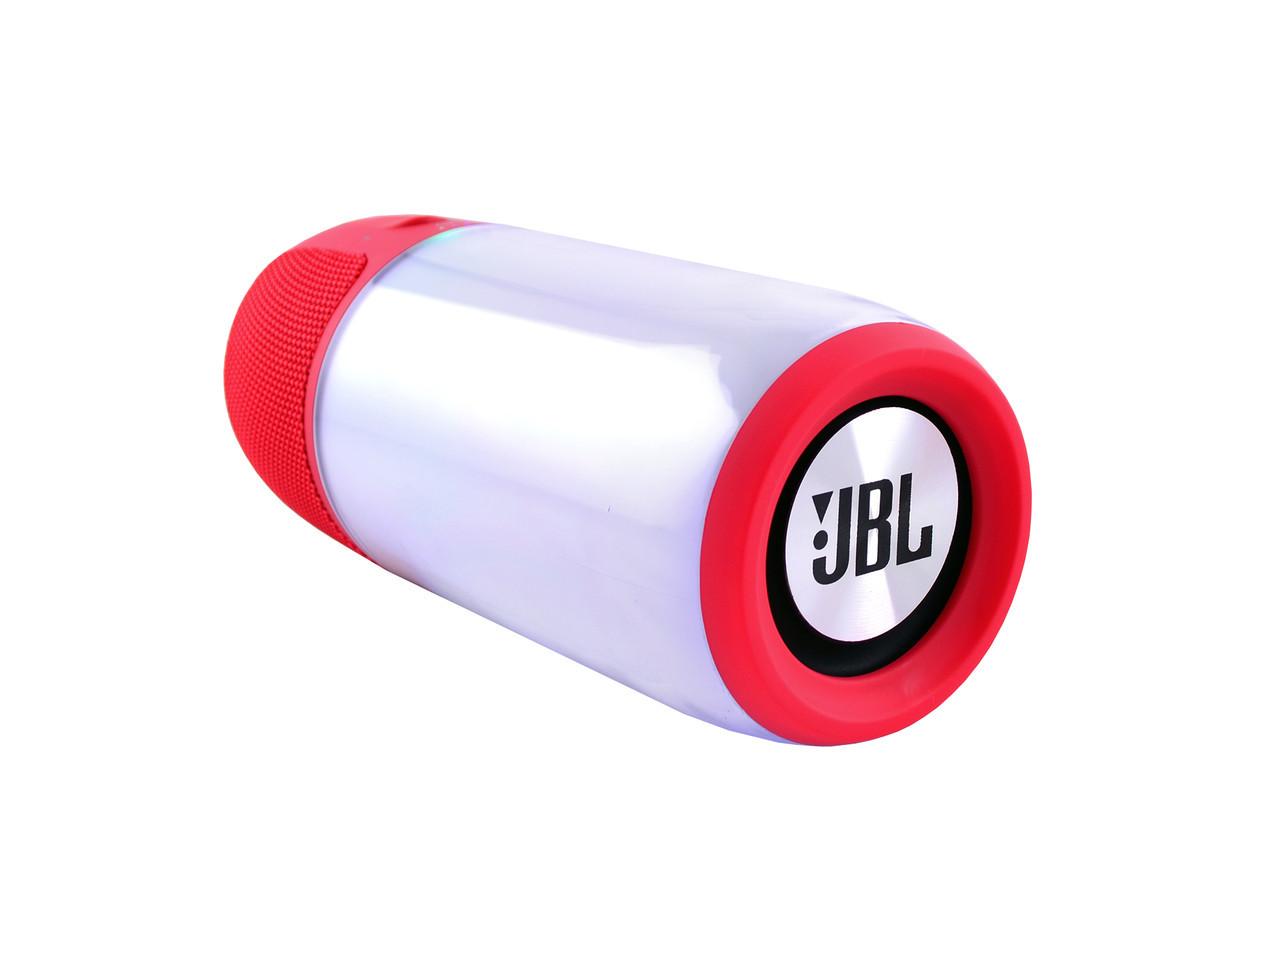 Портативная колонка со светомузыкой JBL Pulse 3 Mini (Красная)